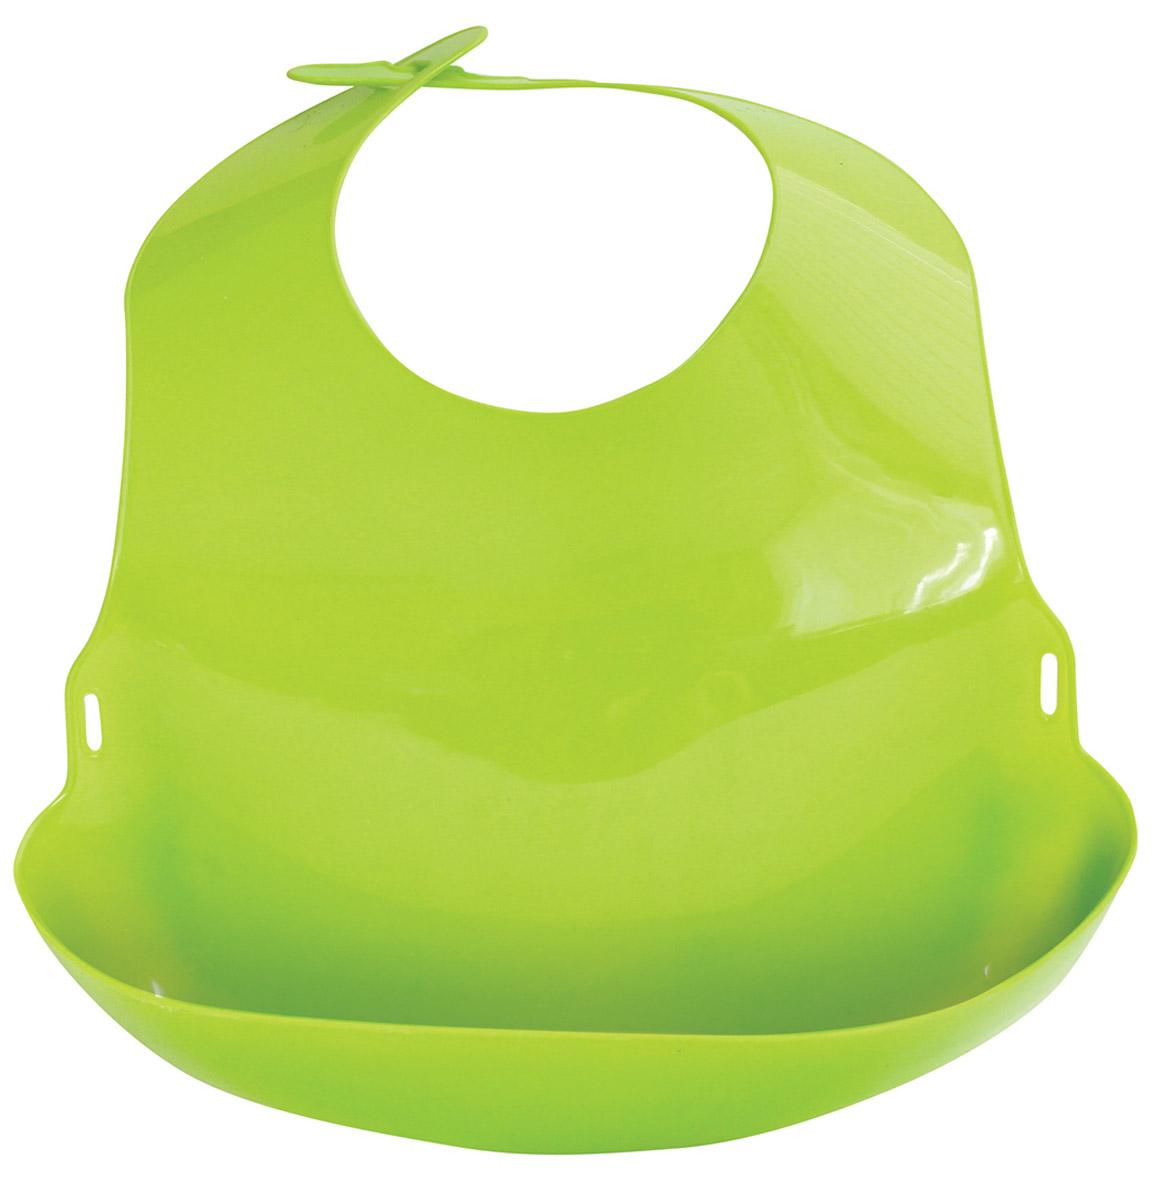 Lubby Нагрудник цвет салатовый4564Красивый и прочный нагрудник Lubby защитит одежду малыша во время кормления и избавит родителей от дополнительных хлопот. Изготовлен из прочных и безопасных материалов, обеспечивающих длительное использование. Имеет удобный отворот, куда будет падать еда, которую малыш выплюнет или случайно уронит. Мыть в теплой воде с мылом.